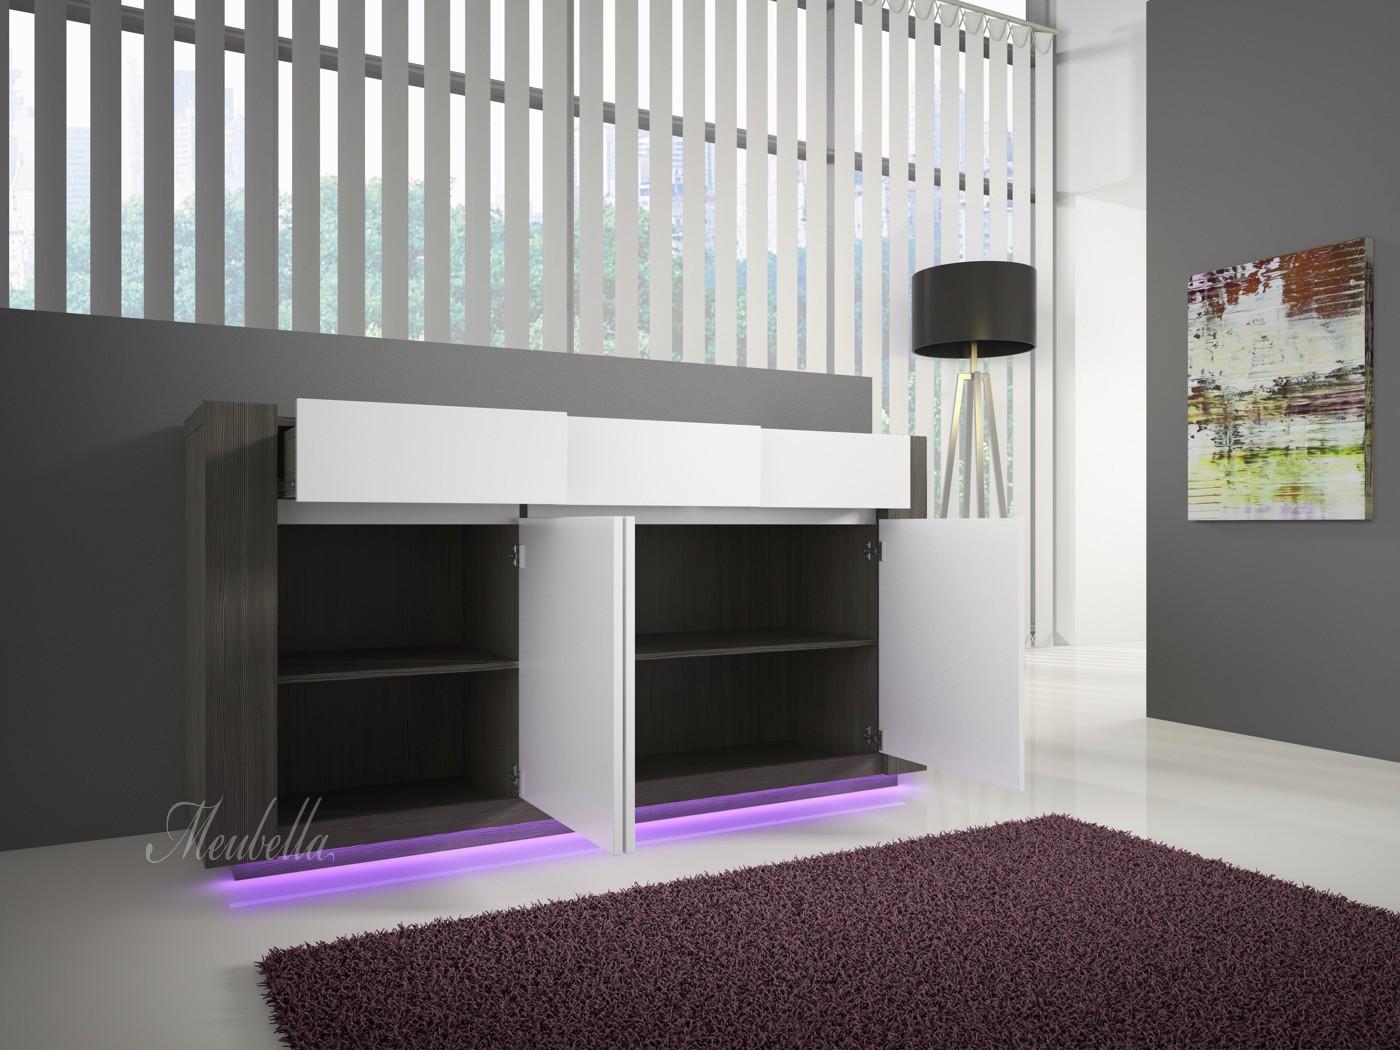 Eetkamertafel Klein : Woonkamer Arulo met LED - Klein Meubella